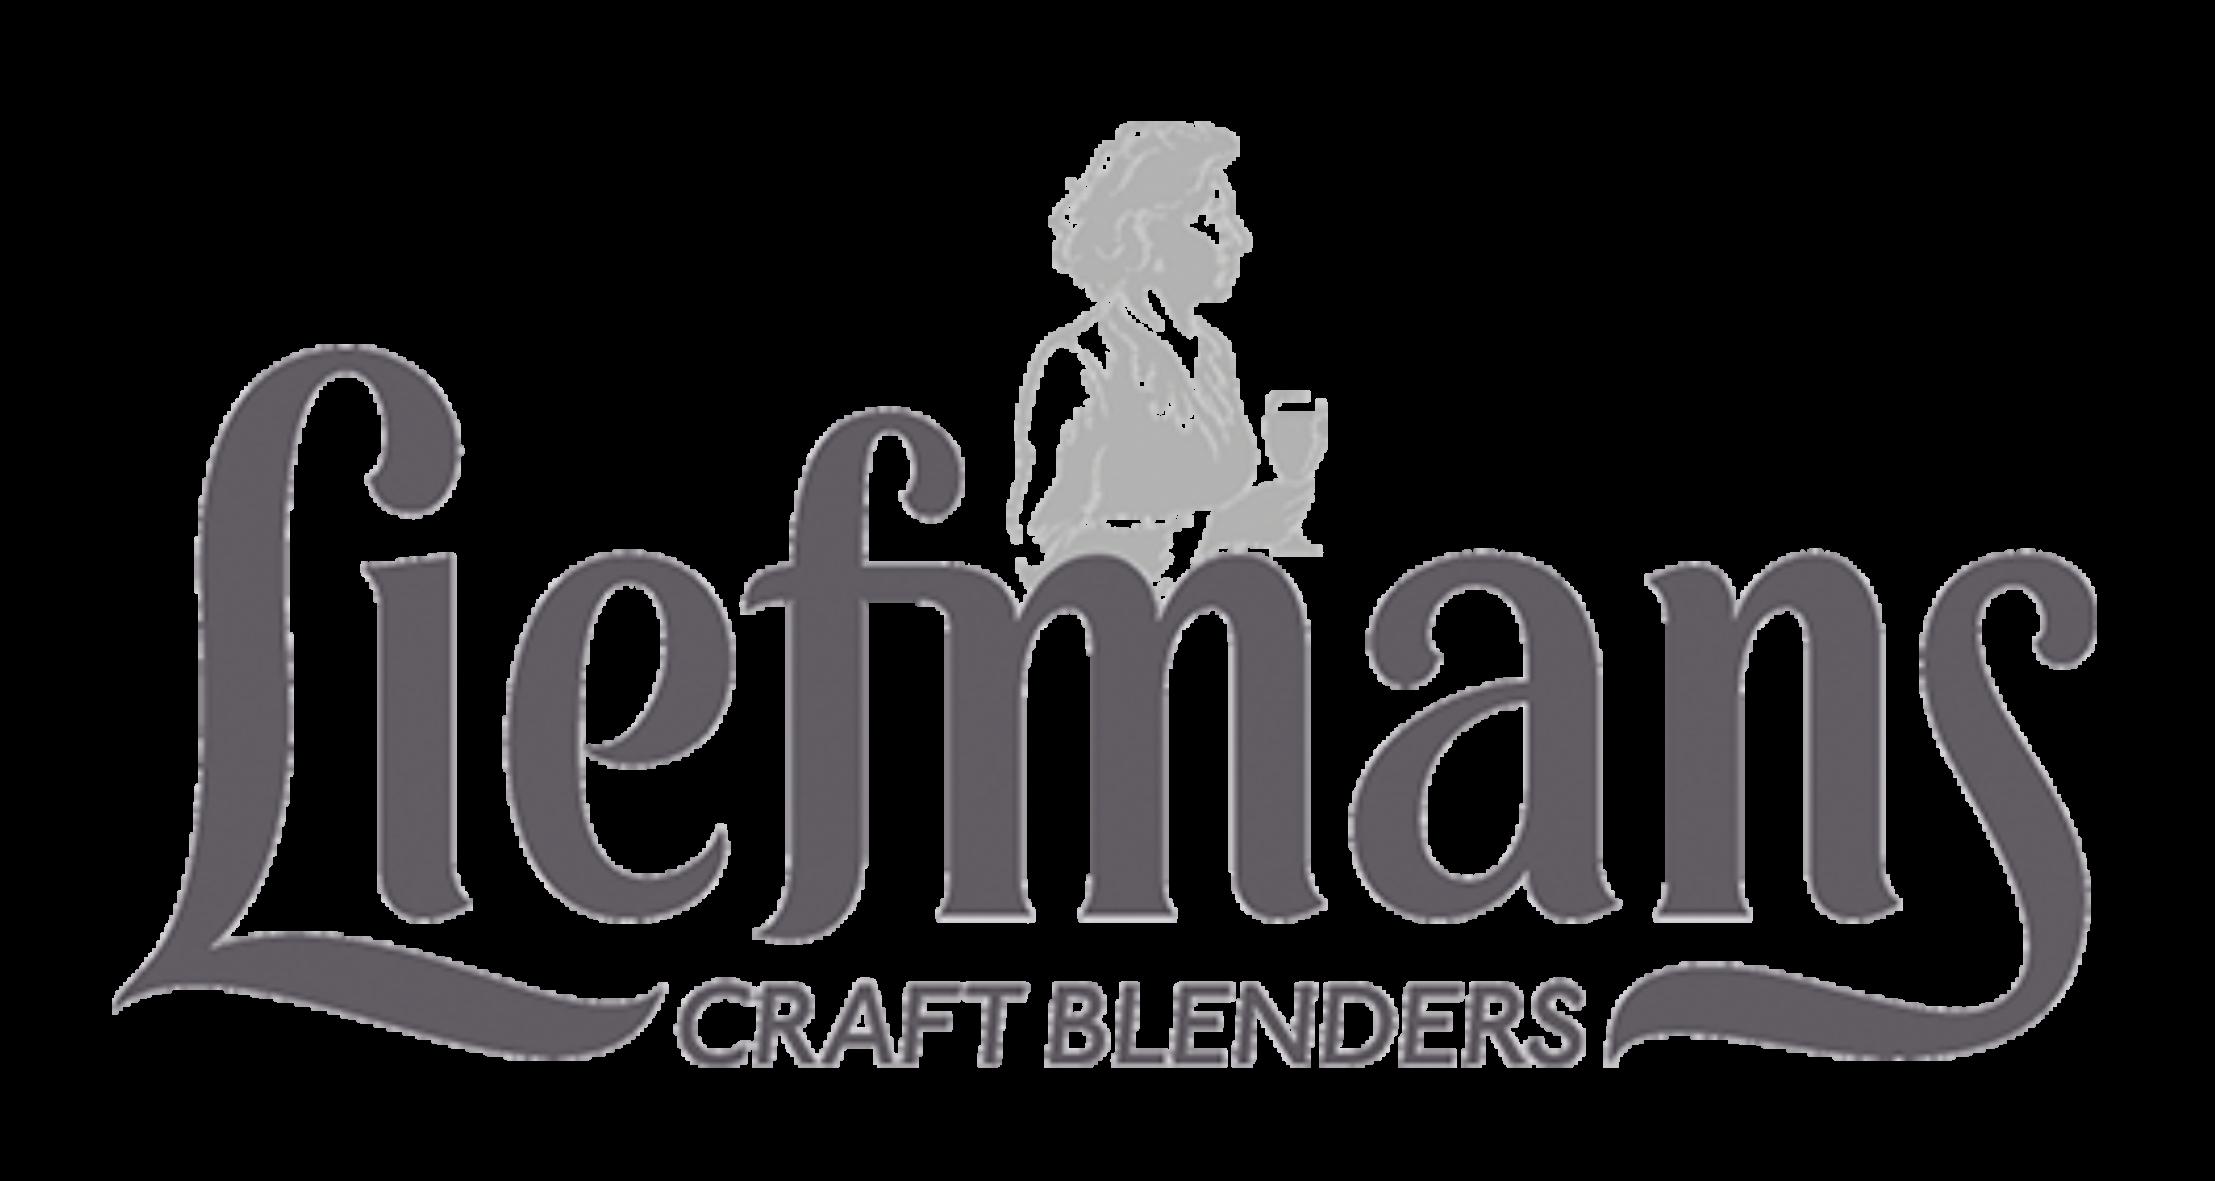 Logo de la marque concernant au produit Liefmans